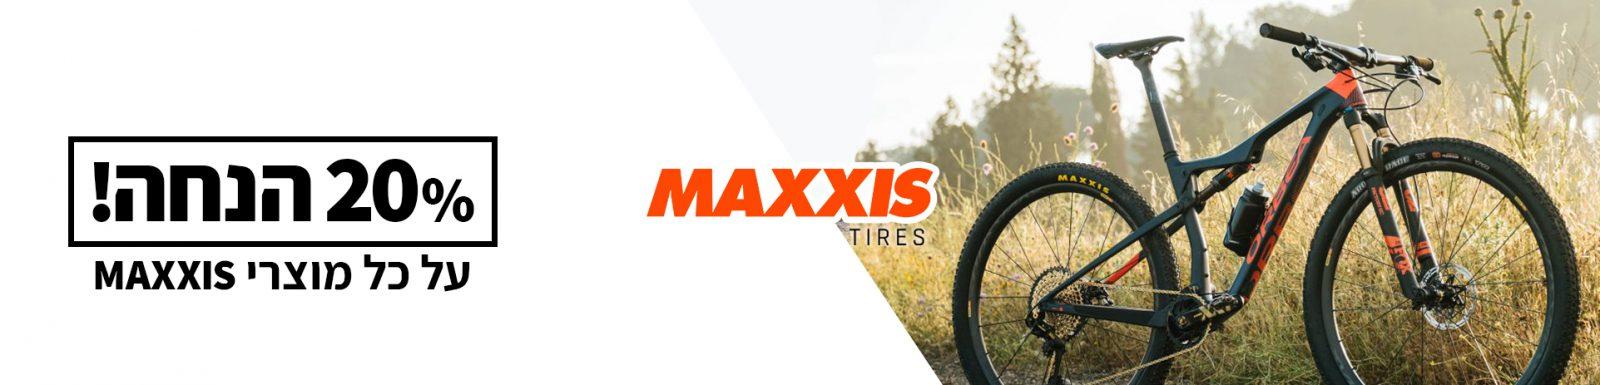 MAXXIS copy 20